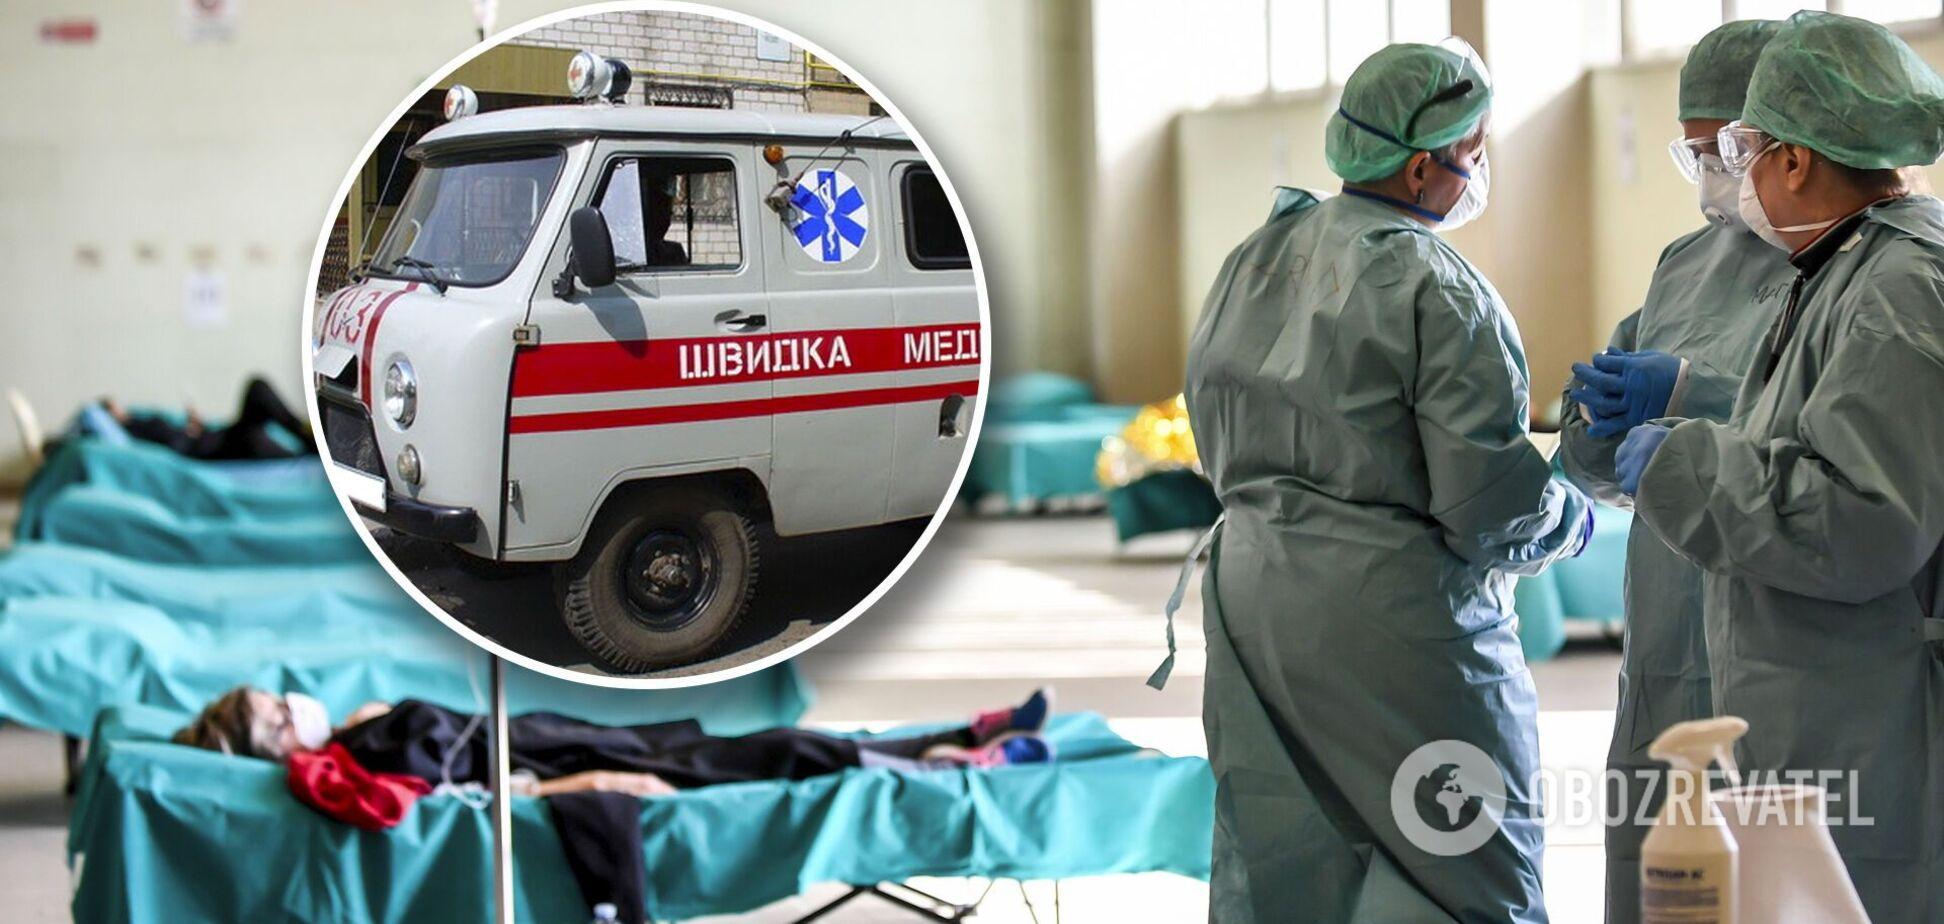 Екстрена меддопомога на Київщині опинилася на межі: лікарі ледве справляються з хворими на COVID-19